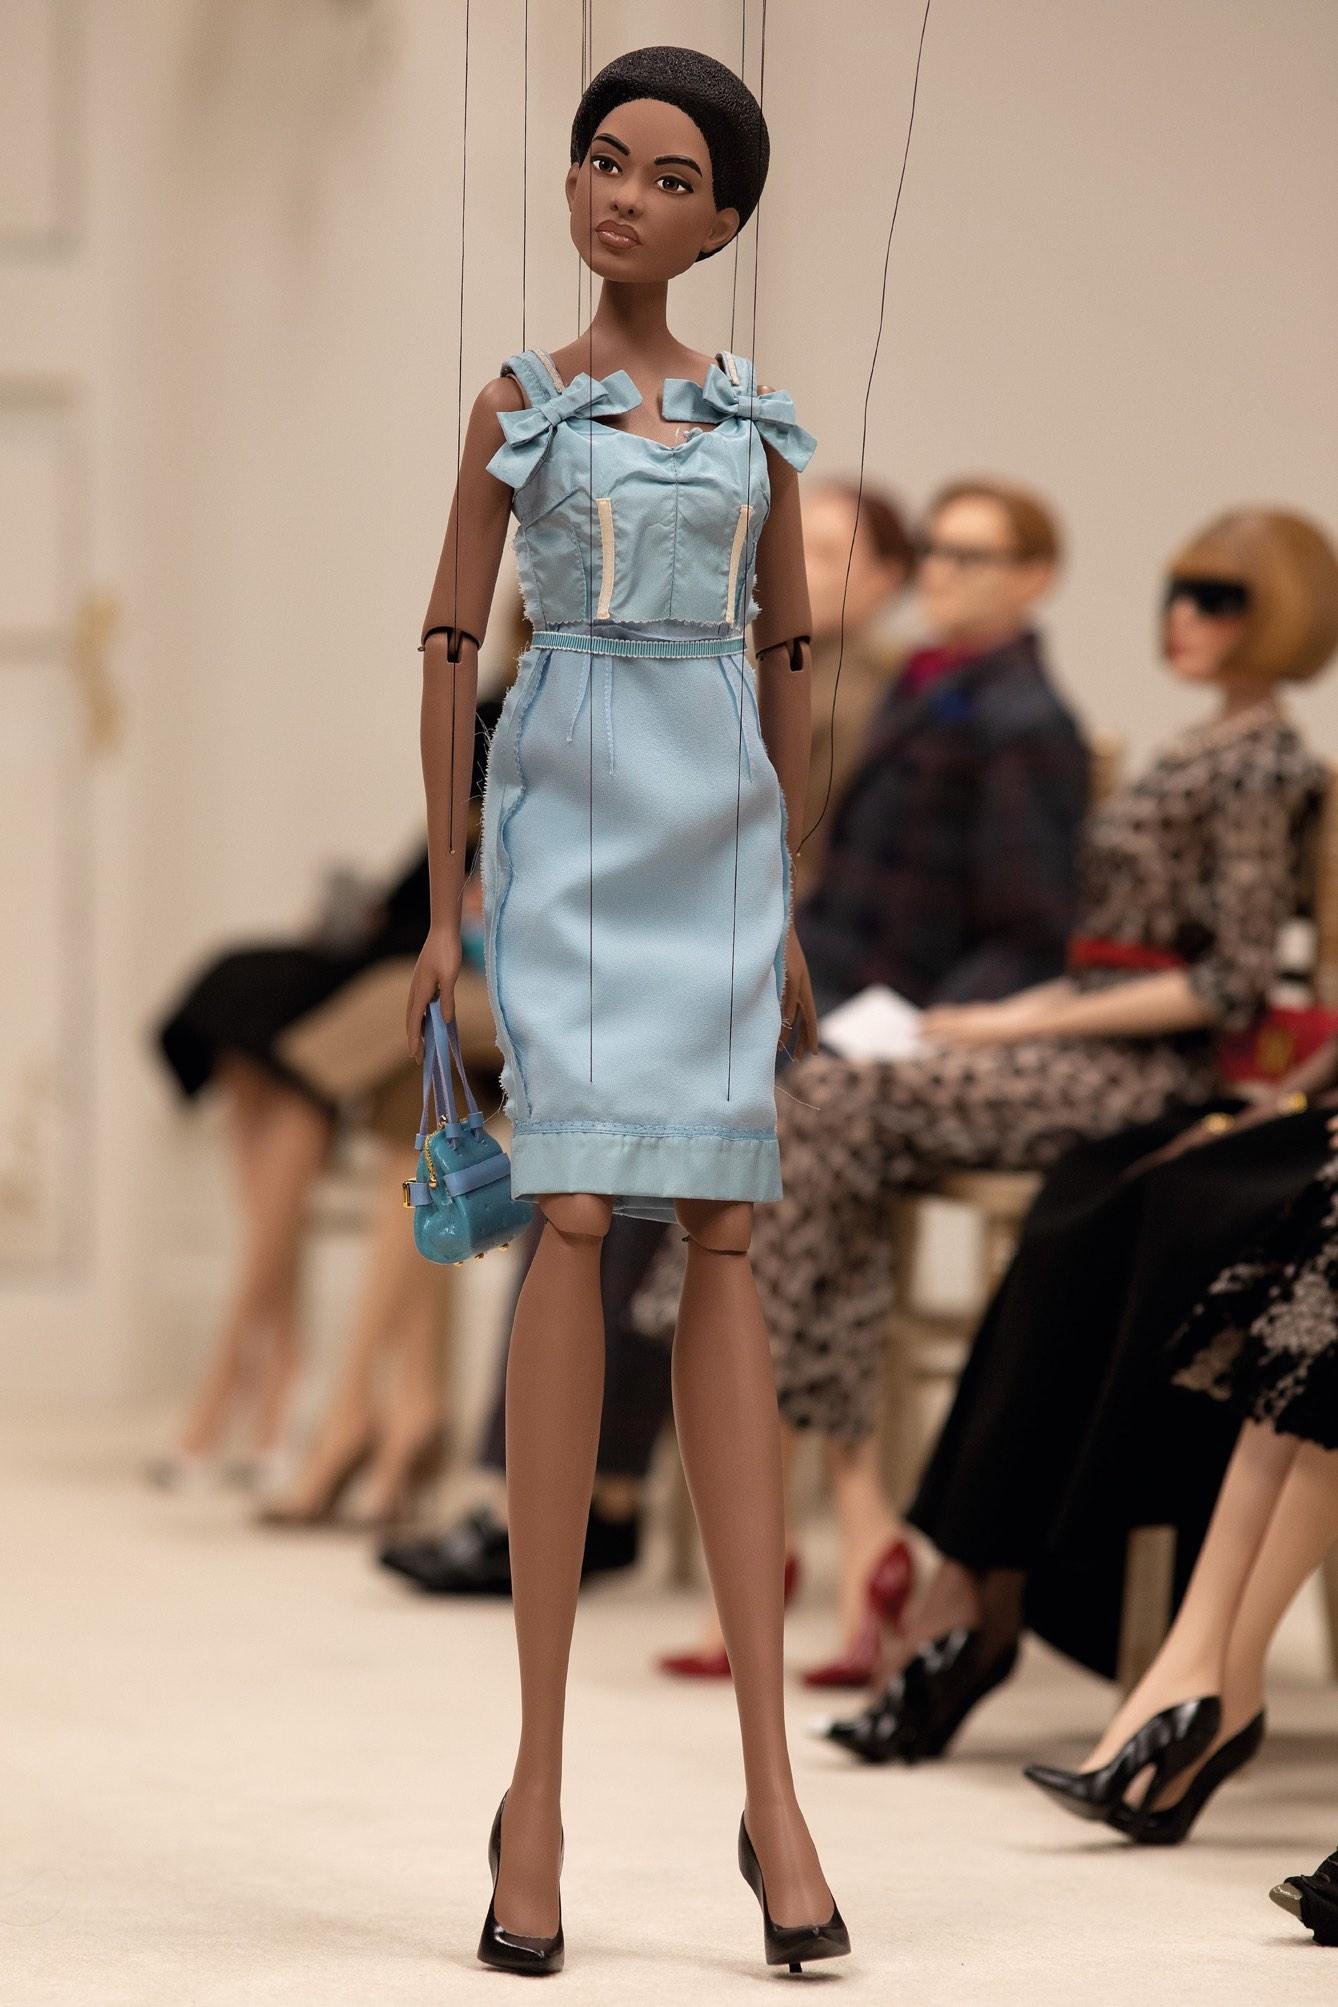 streaming-fashion-apo-to-frow-row-stin-eikoniki-pragmatikotita0